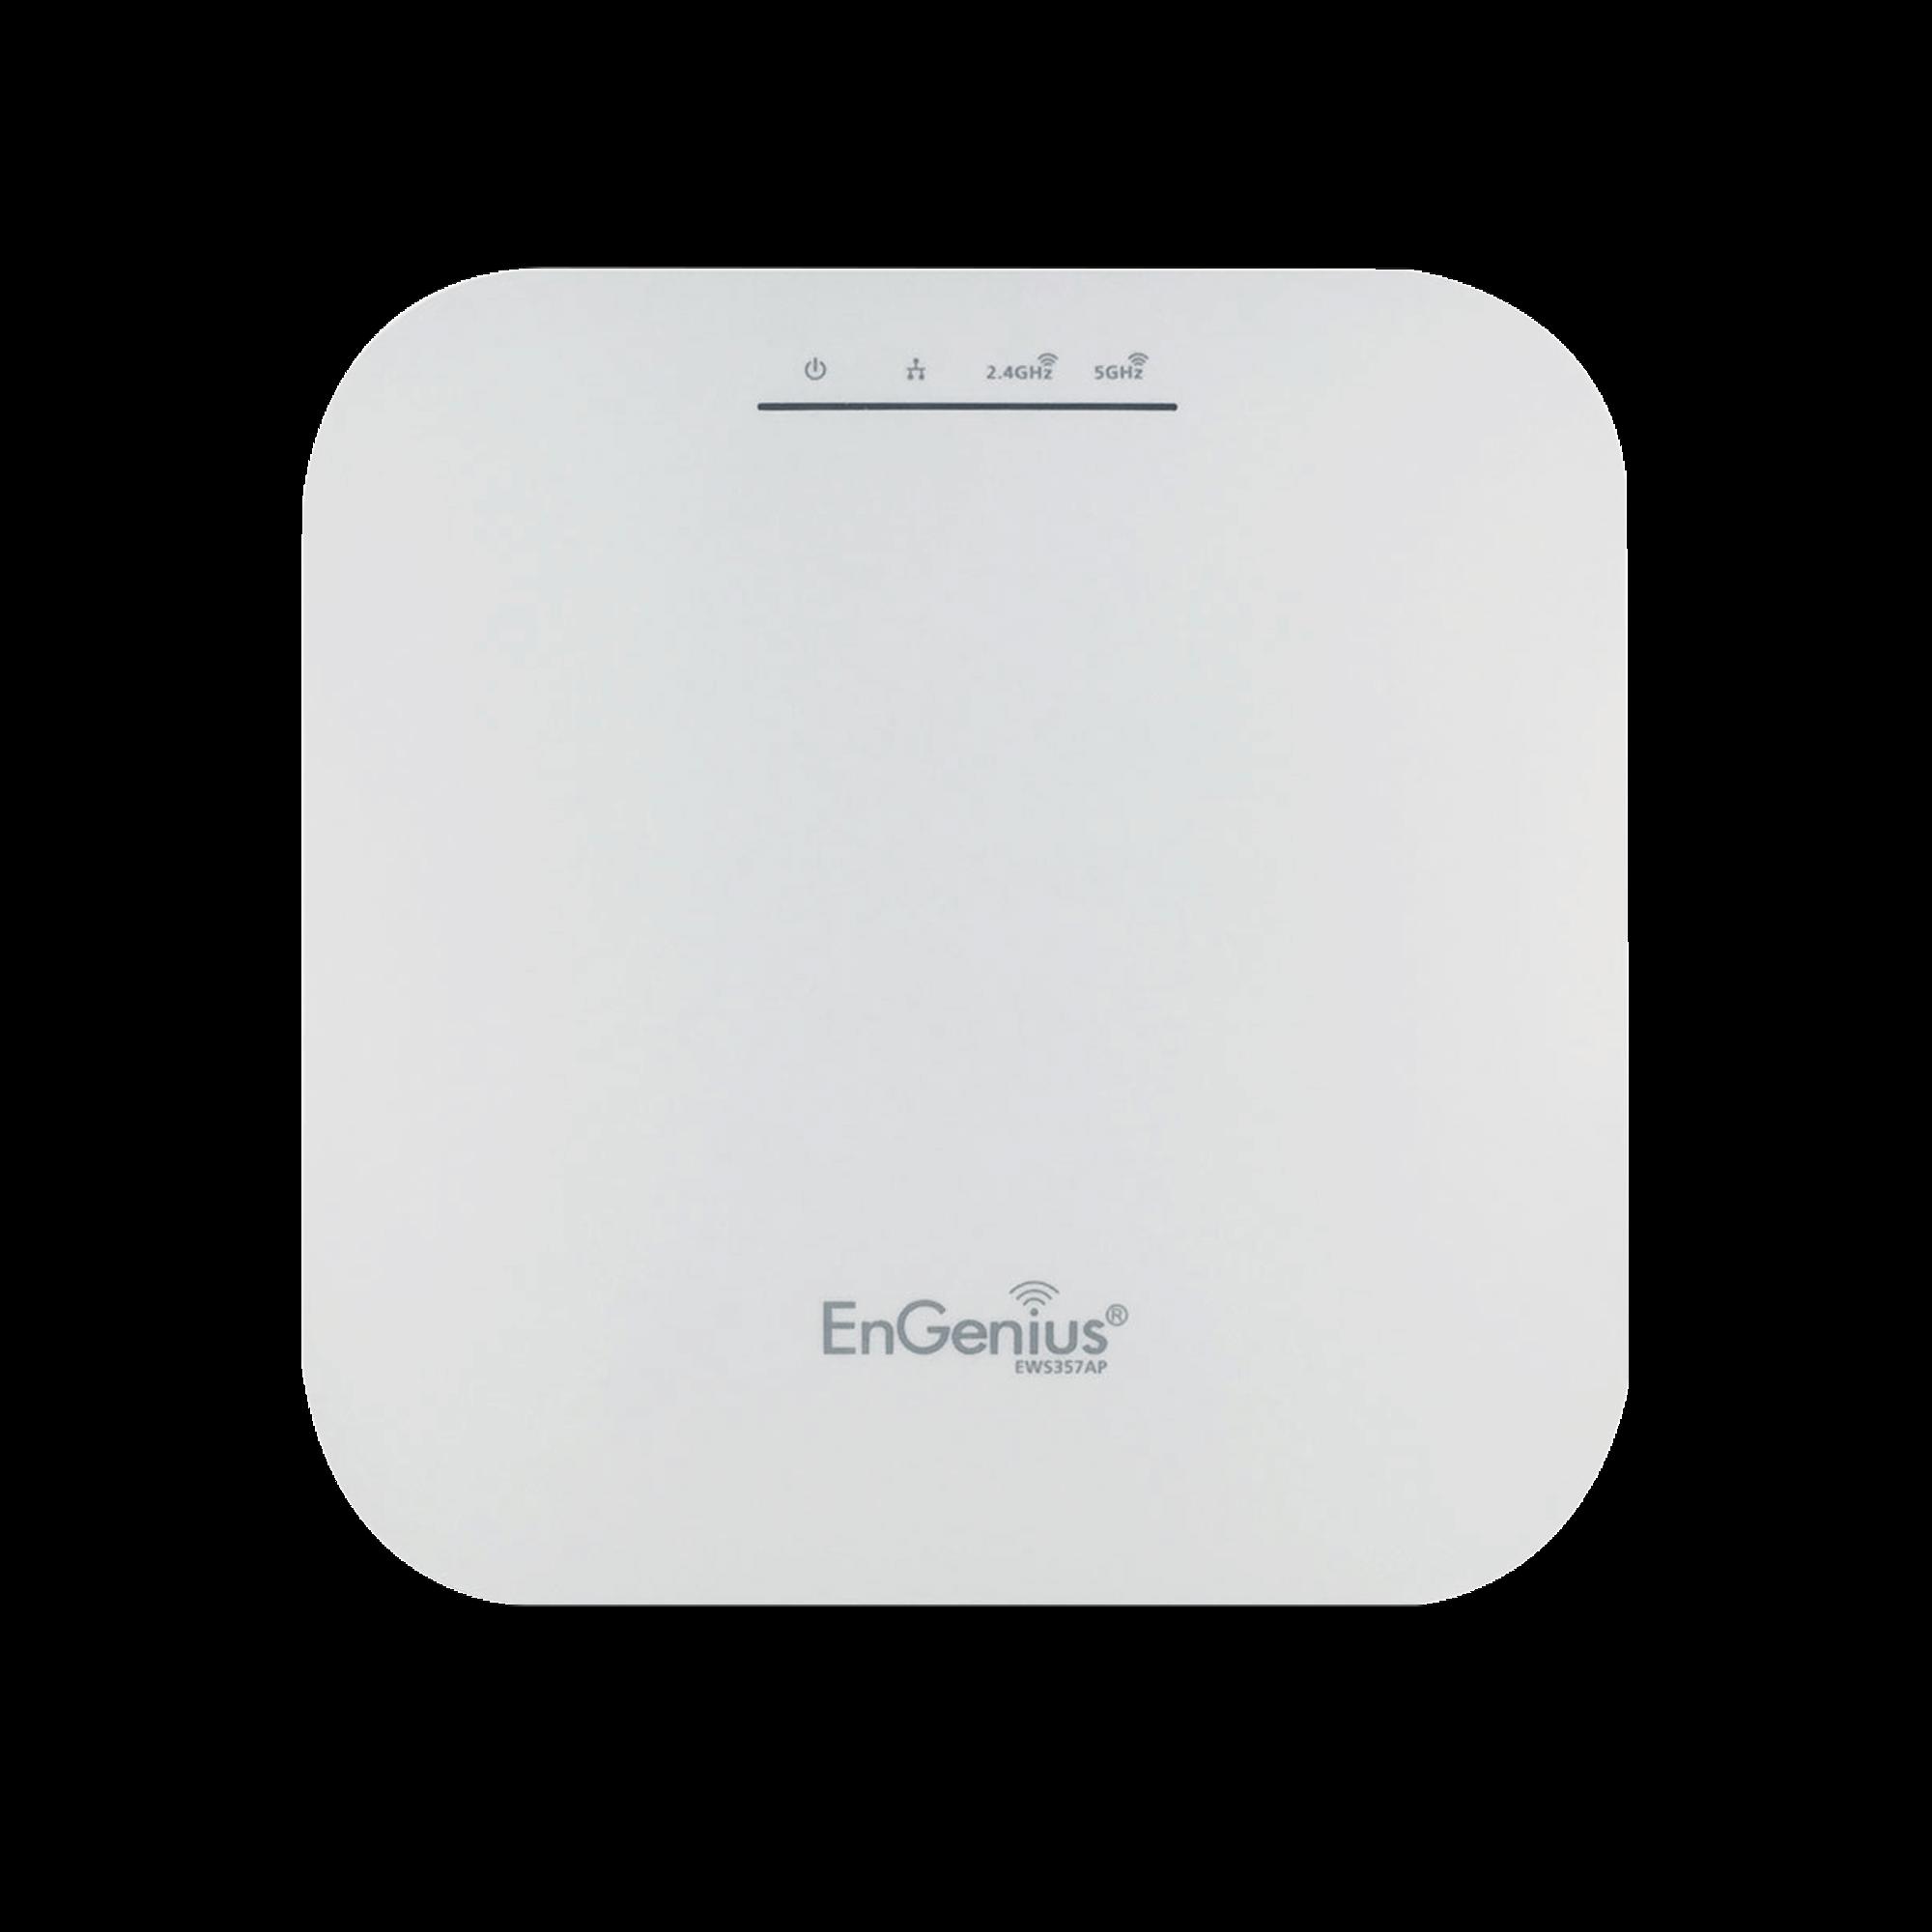 Punto de Acceso Mesh 2x2 WiFi 6, Para Gran Capacidad de Usuarios, Hasta 1,200 Mbps (5 GHz) y 574 Mbps (2.4 GHz), Soporta PoE 802.3af, Compatible con 802.11a/b/g/n